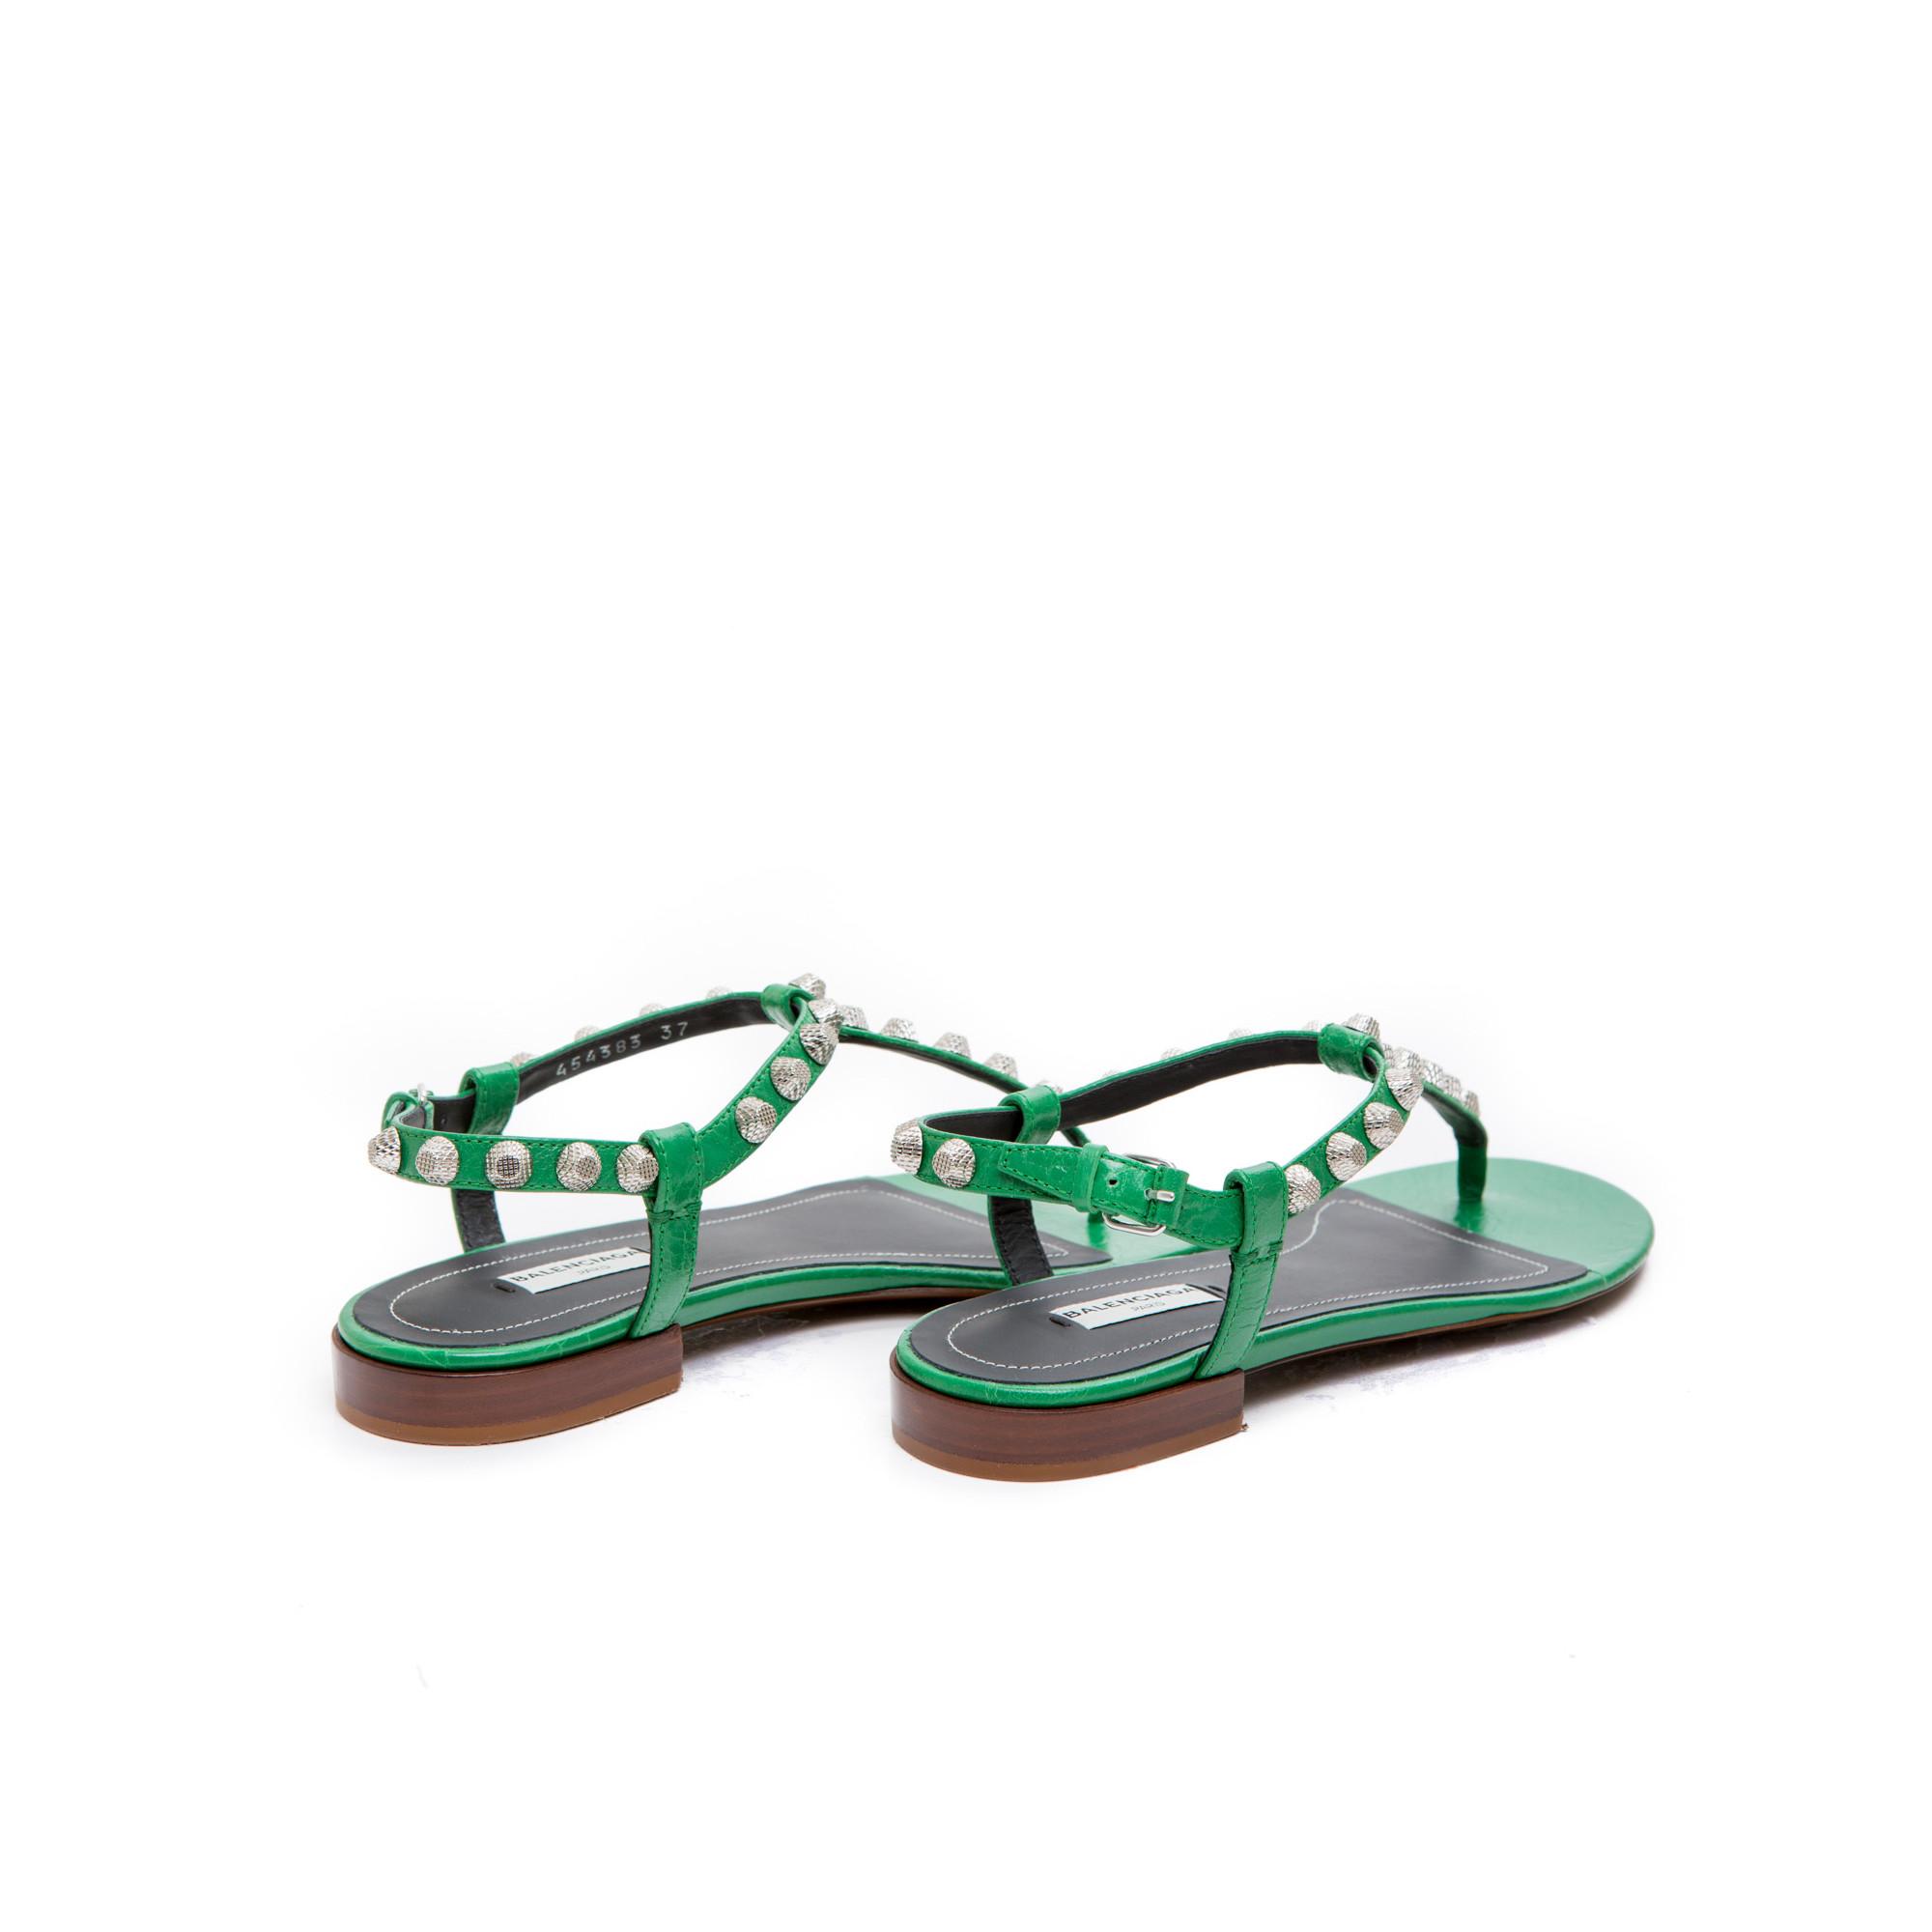 Balenciaga Schoenen Groen